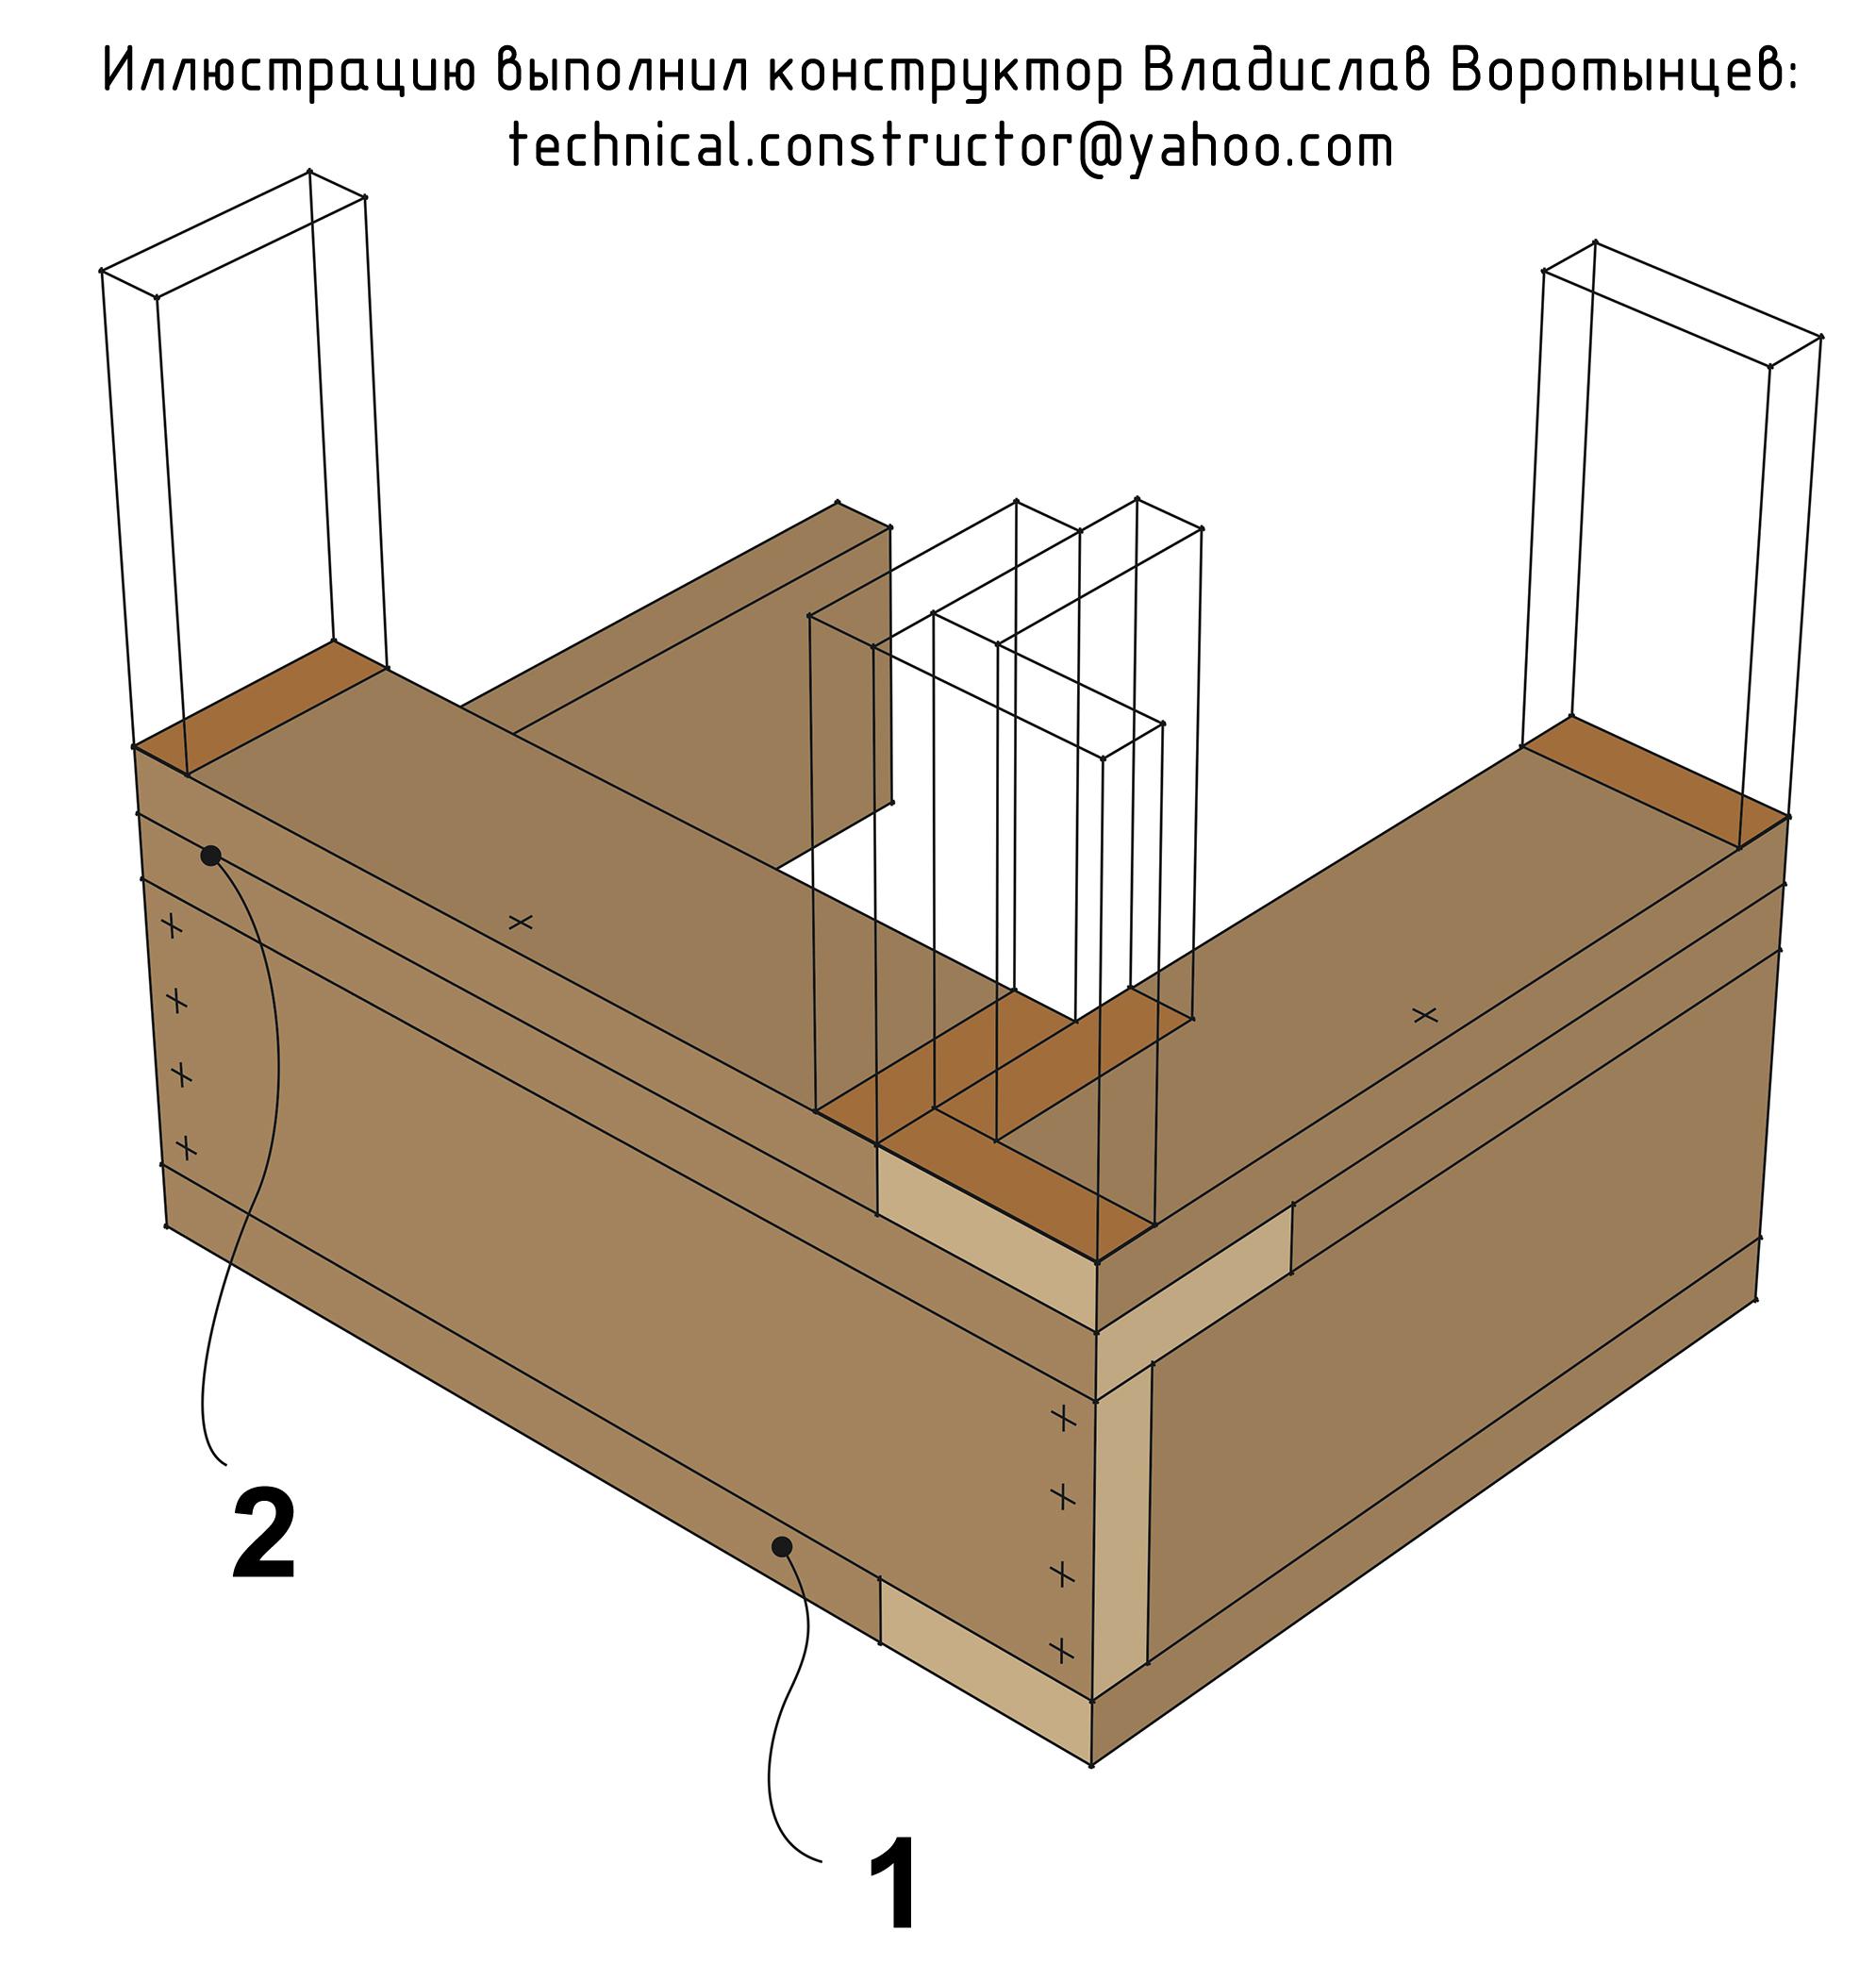 Рис. 9.10 Принцип монтажа цокольного перекрытия по бетонной ленте фундамента. Импрегнированные лежни, торцевые балки цокольного перекрытия, направляющие лежни, нижняя обвязка каркасов стен по углам должны монтироваться с перекрытием стыков.